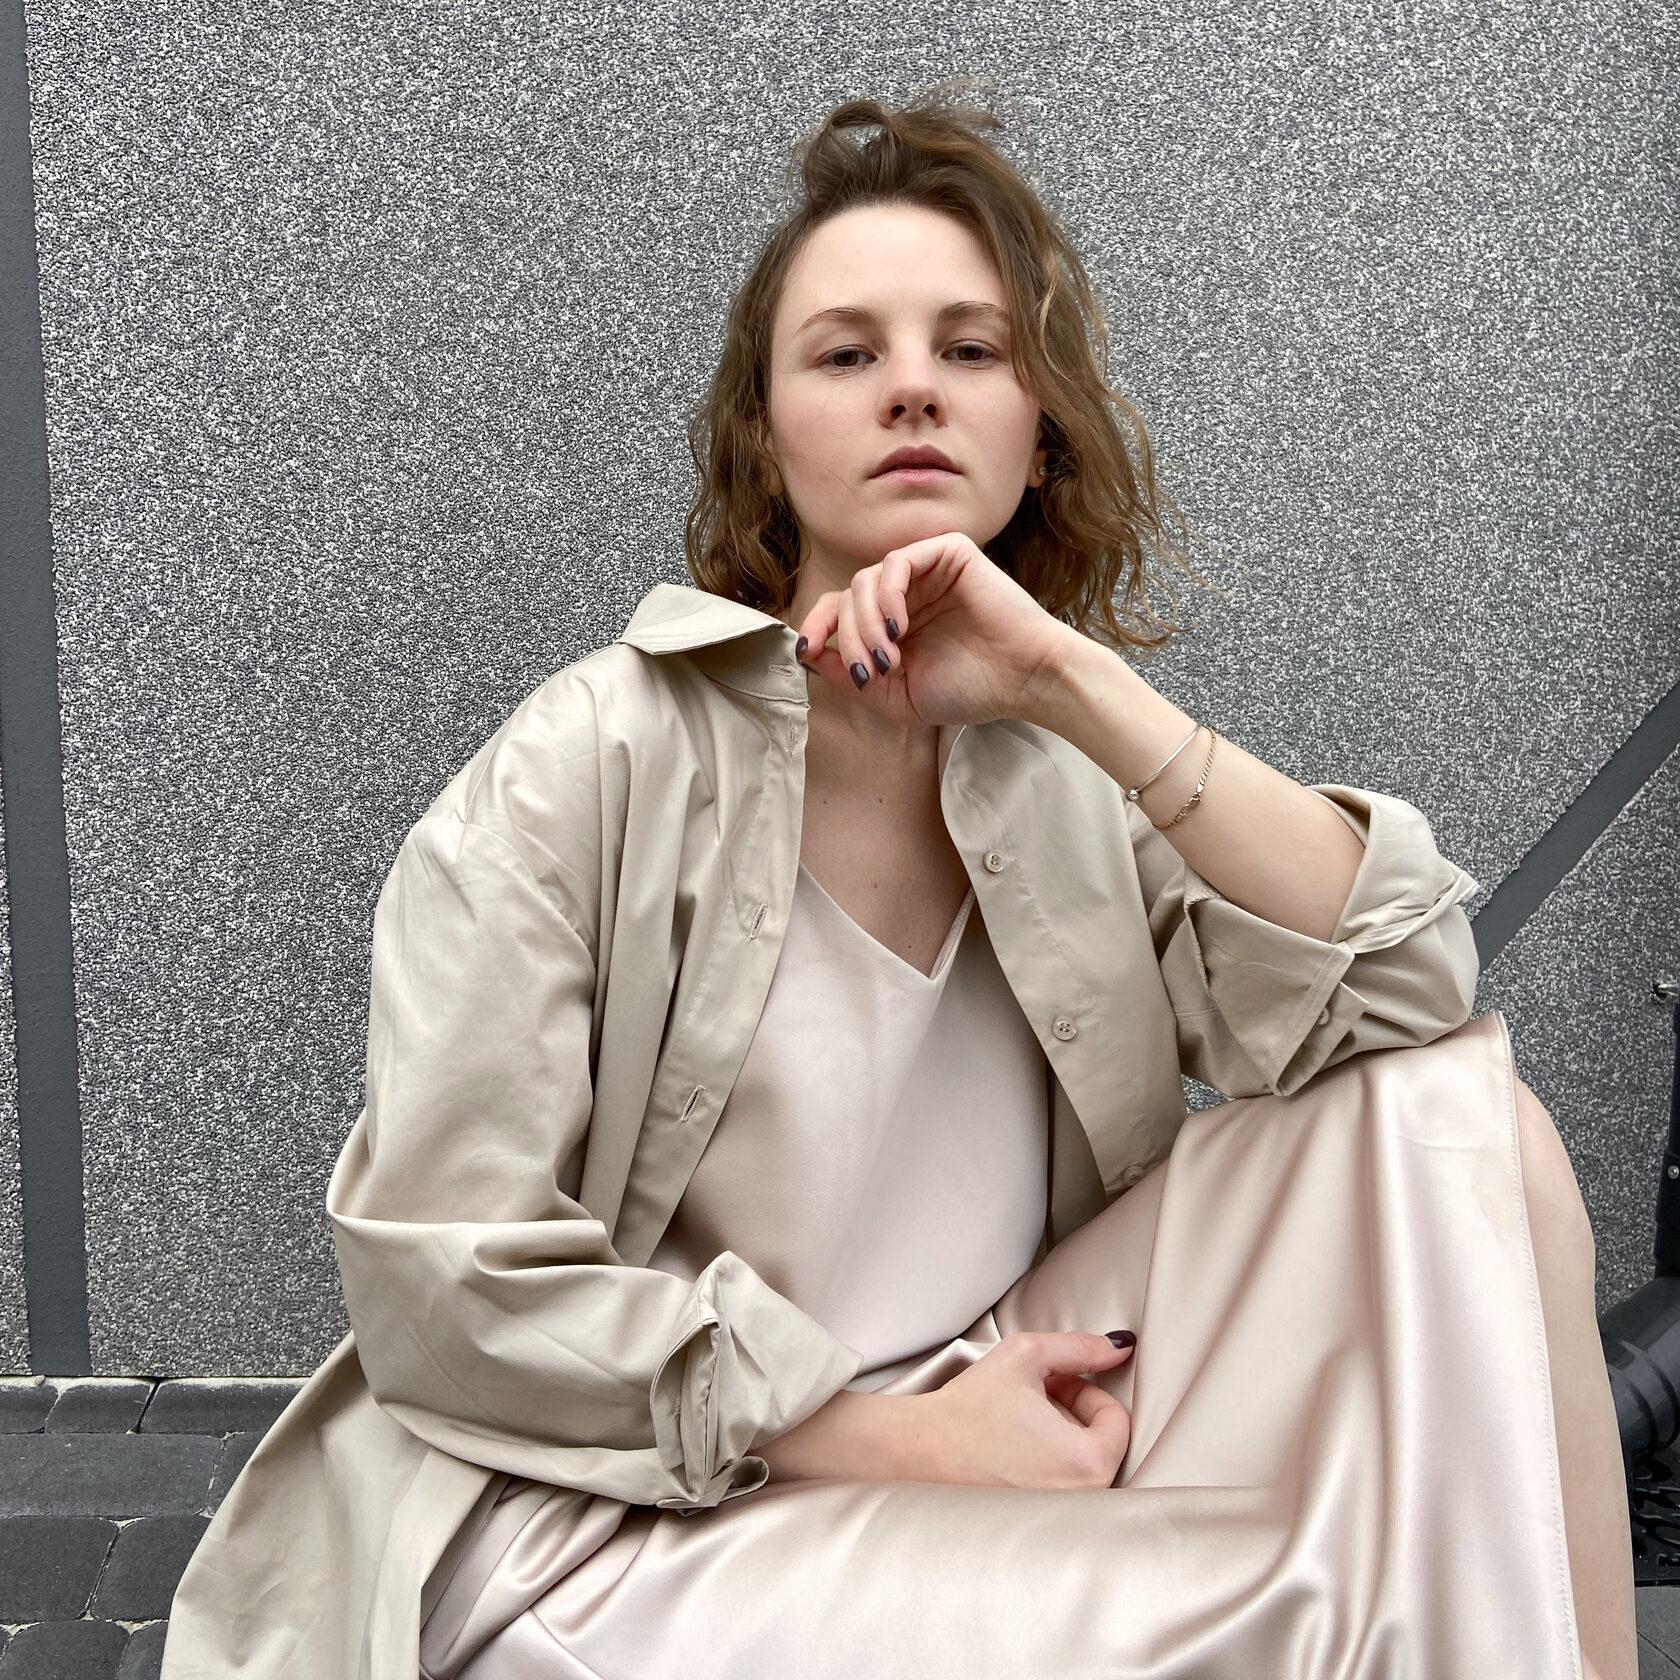 LARGO біла базова сорочка поверх сукні-комбінації чорної